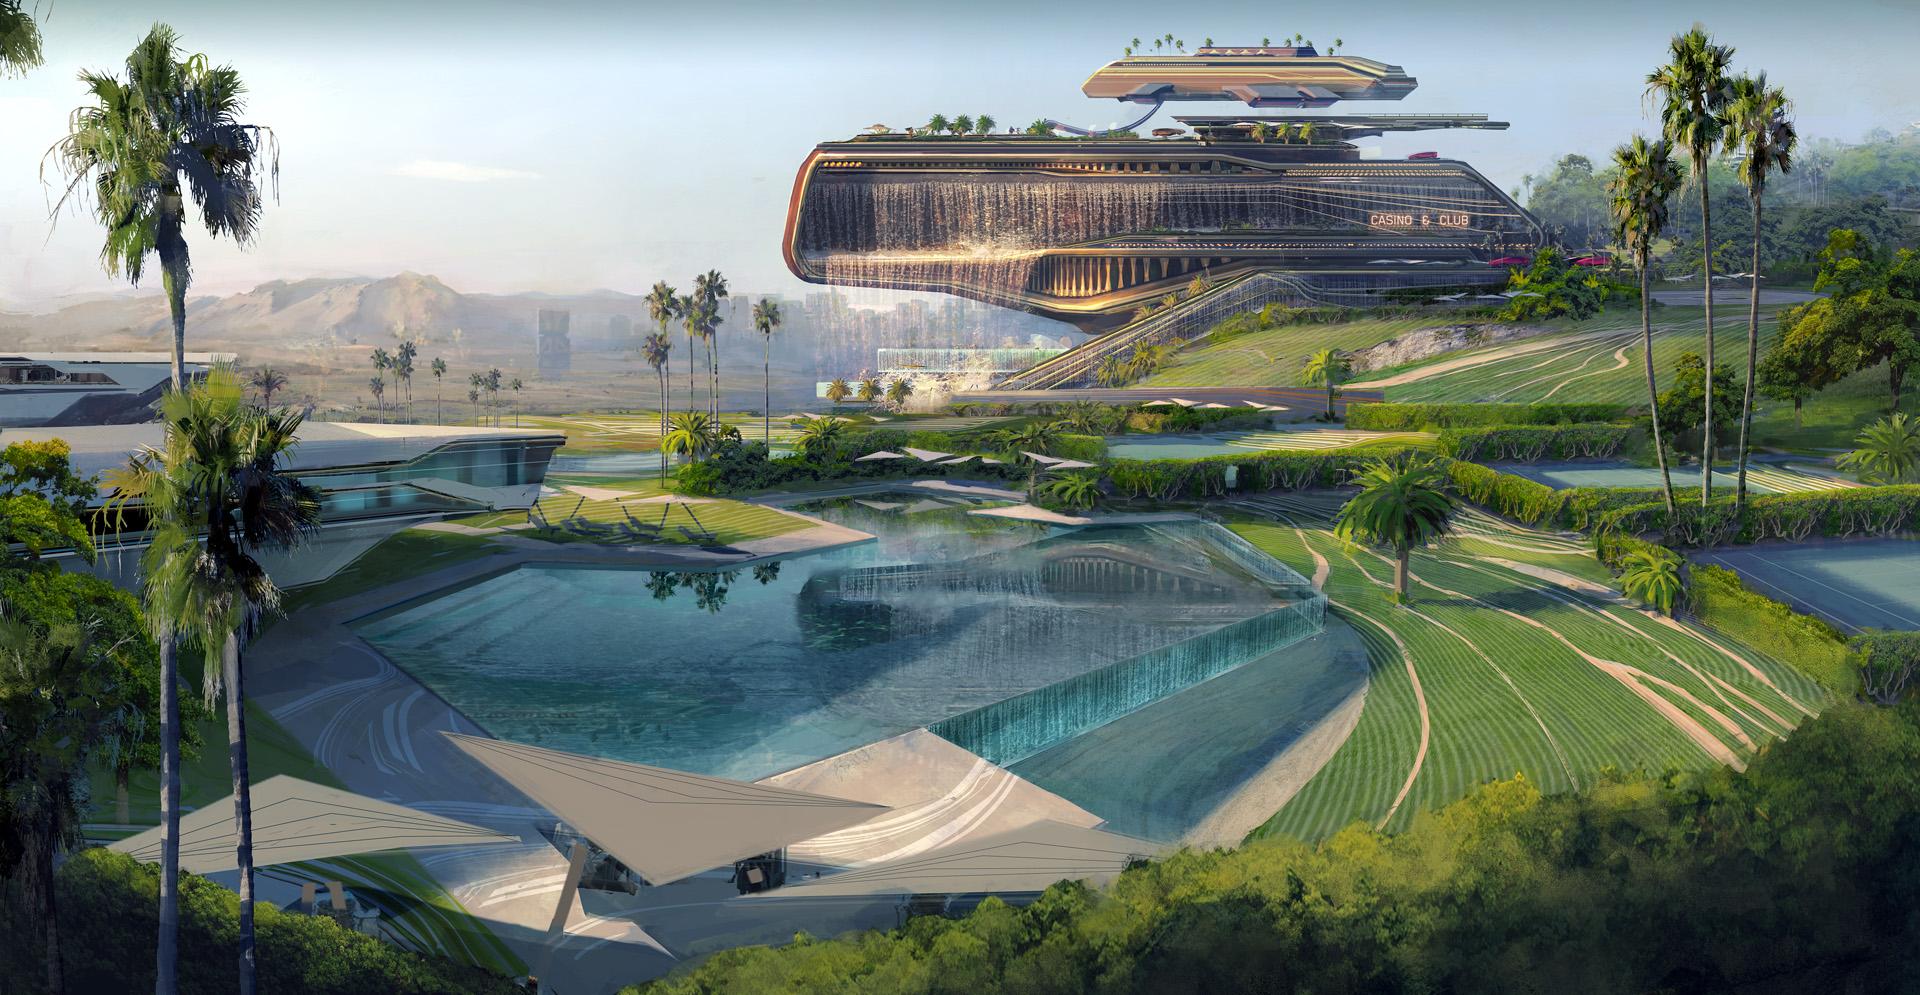 Концепт-арт Cyberpunk 2077 раскрывает Westbrook, площадку для богатых